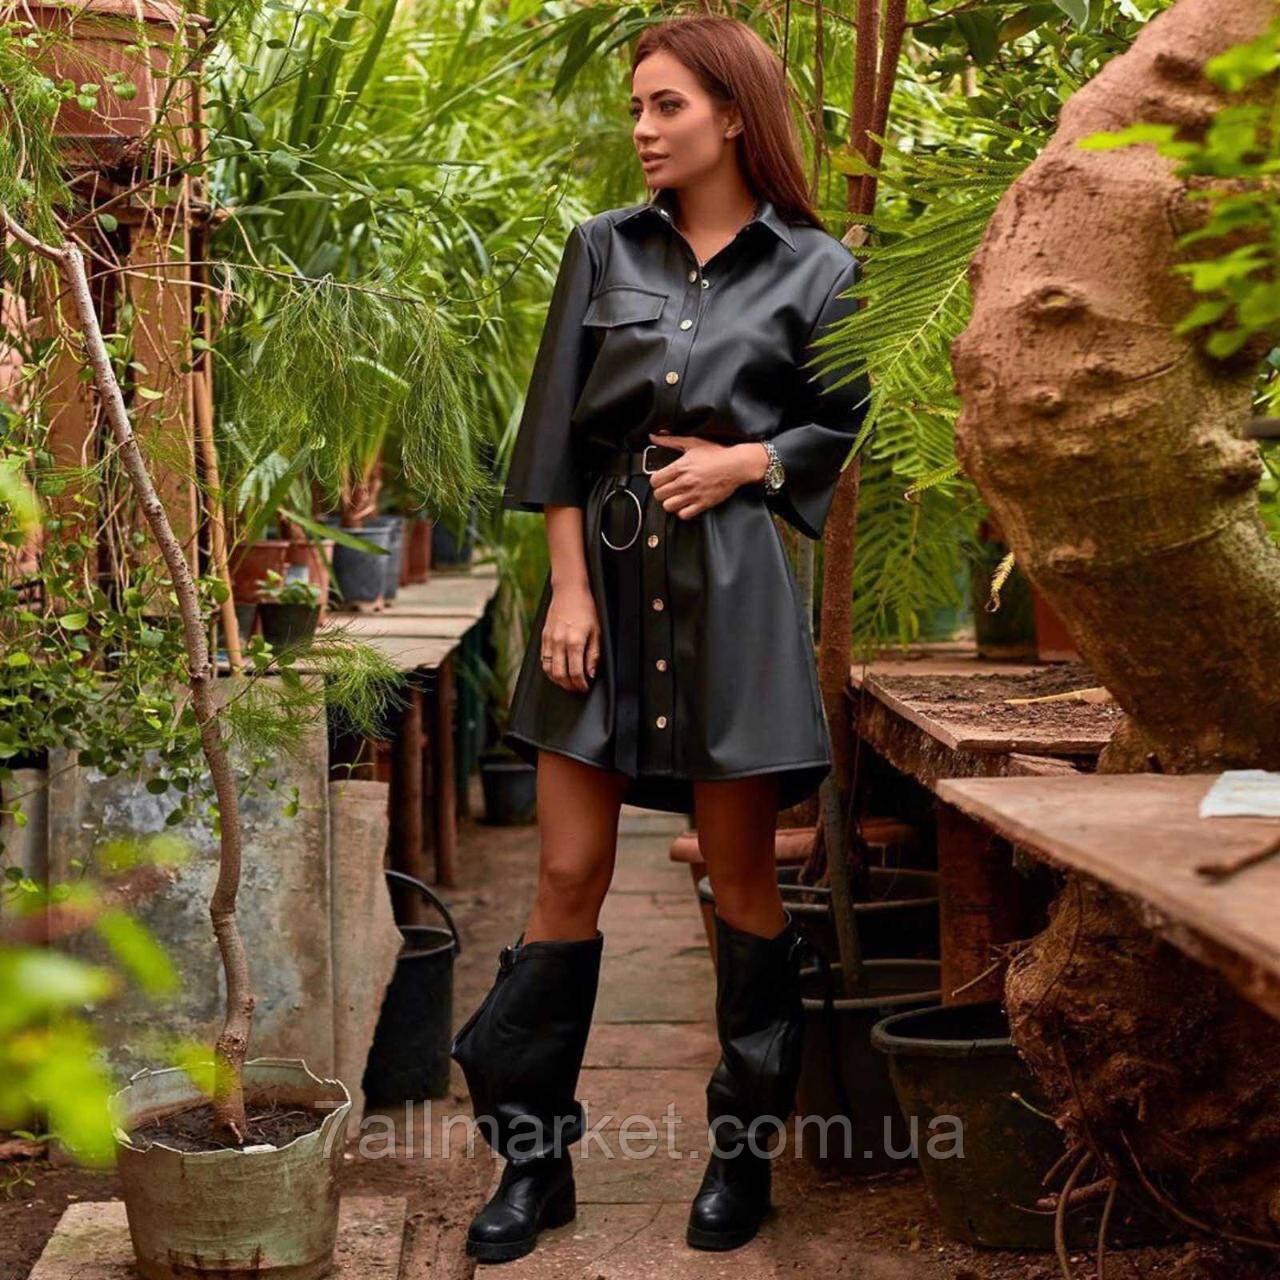 """Сукня жіноча стильну еко-шкіра з поясом, розміри S-M """"MARGARET"""" купити недорого від прямого постачальника"""